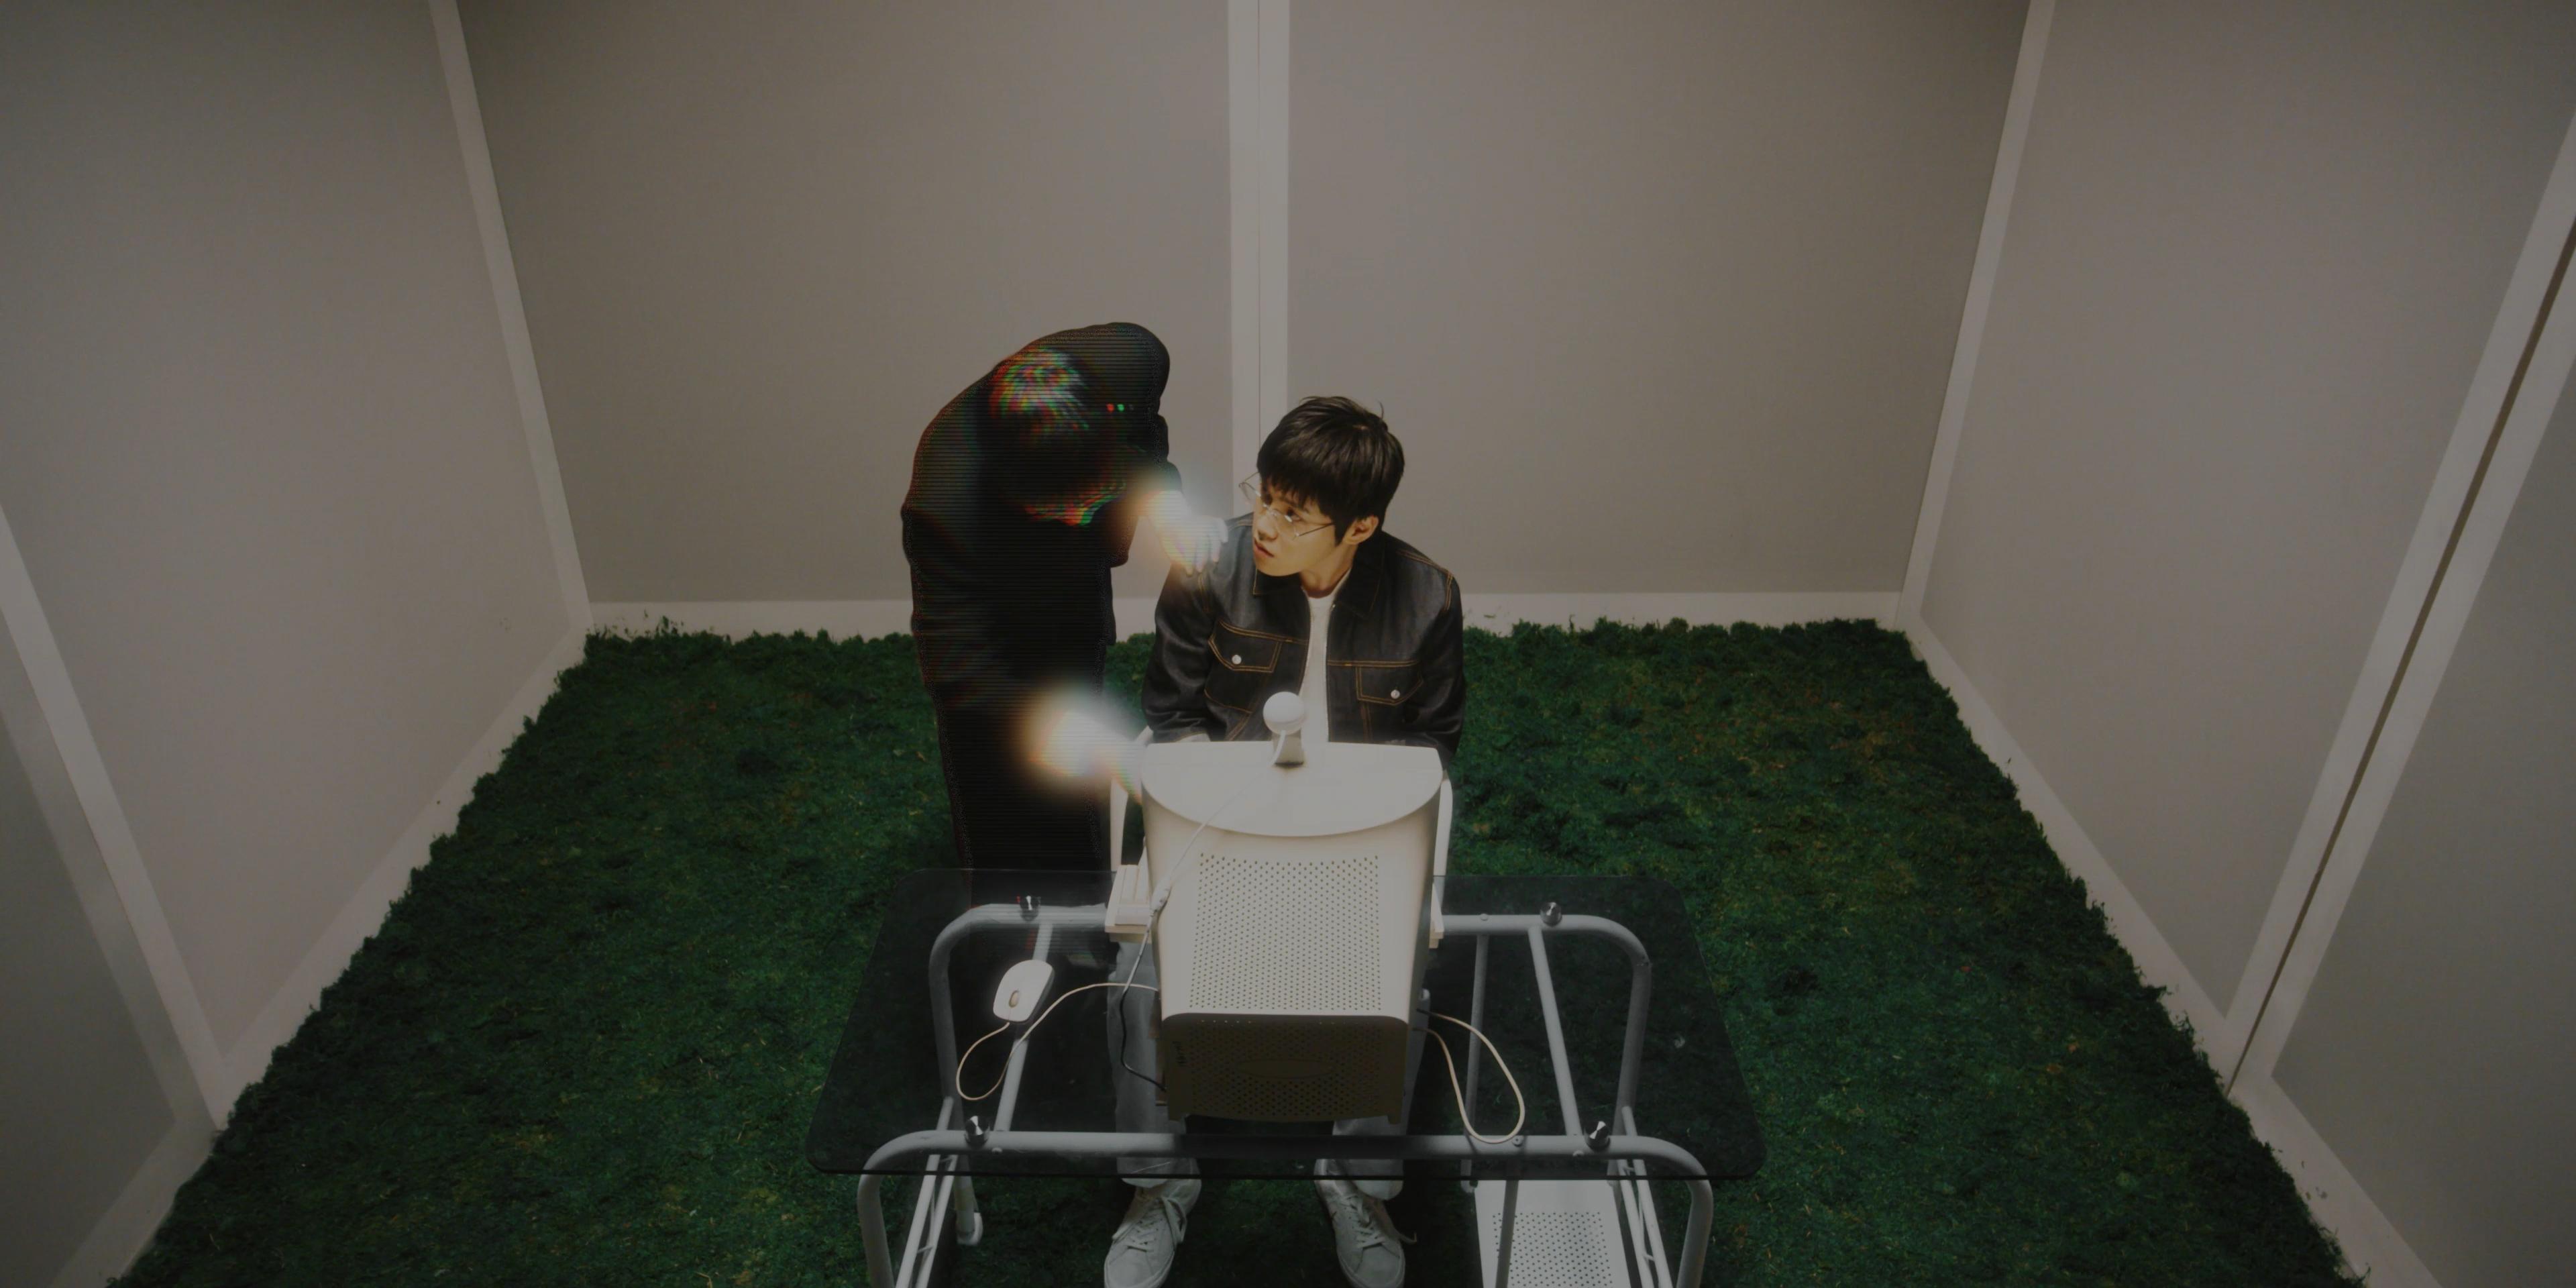 [구원찬/KU ONE CHAN] 너에게 (feat. 장석훈)(prod. glowingdog) M/V